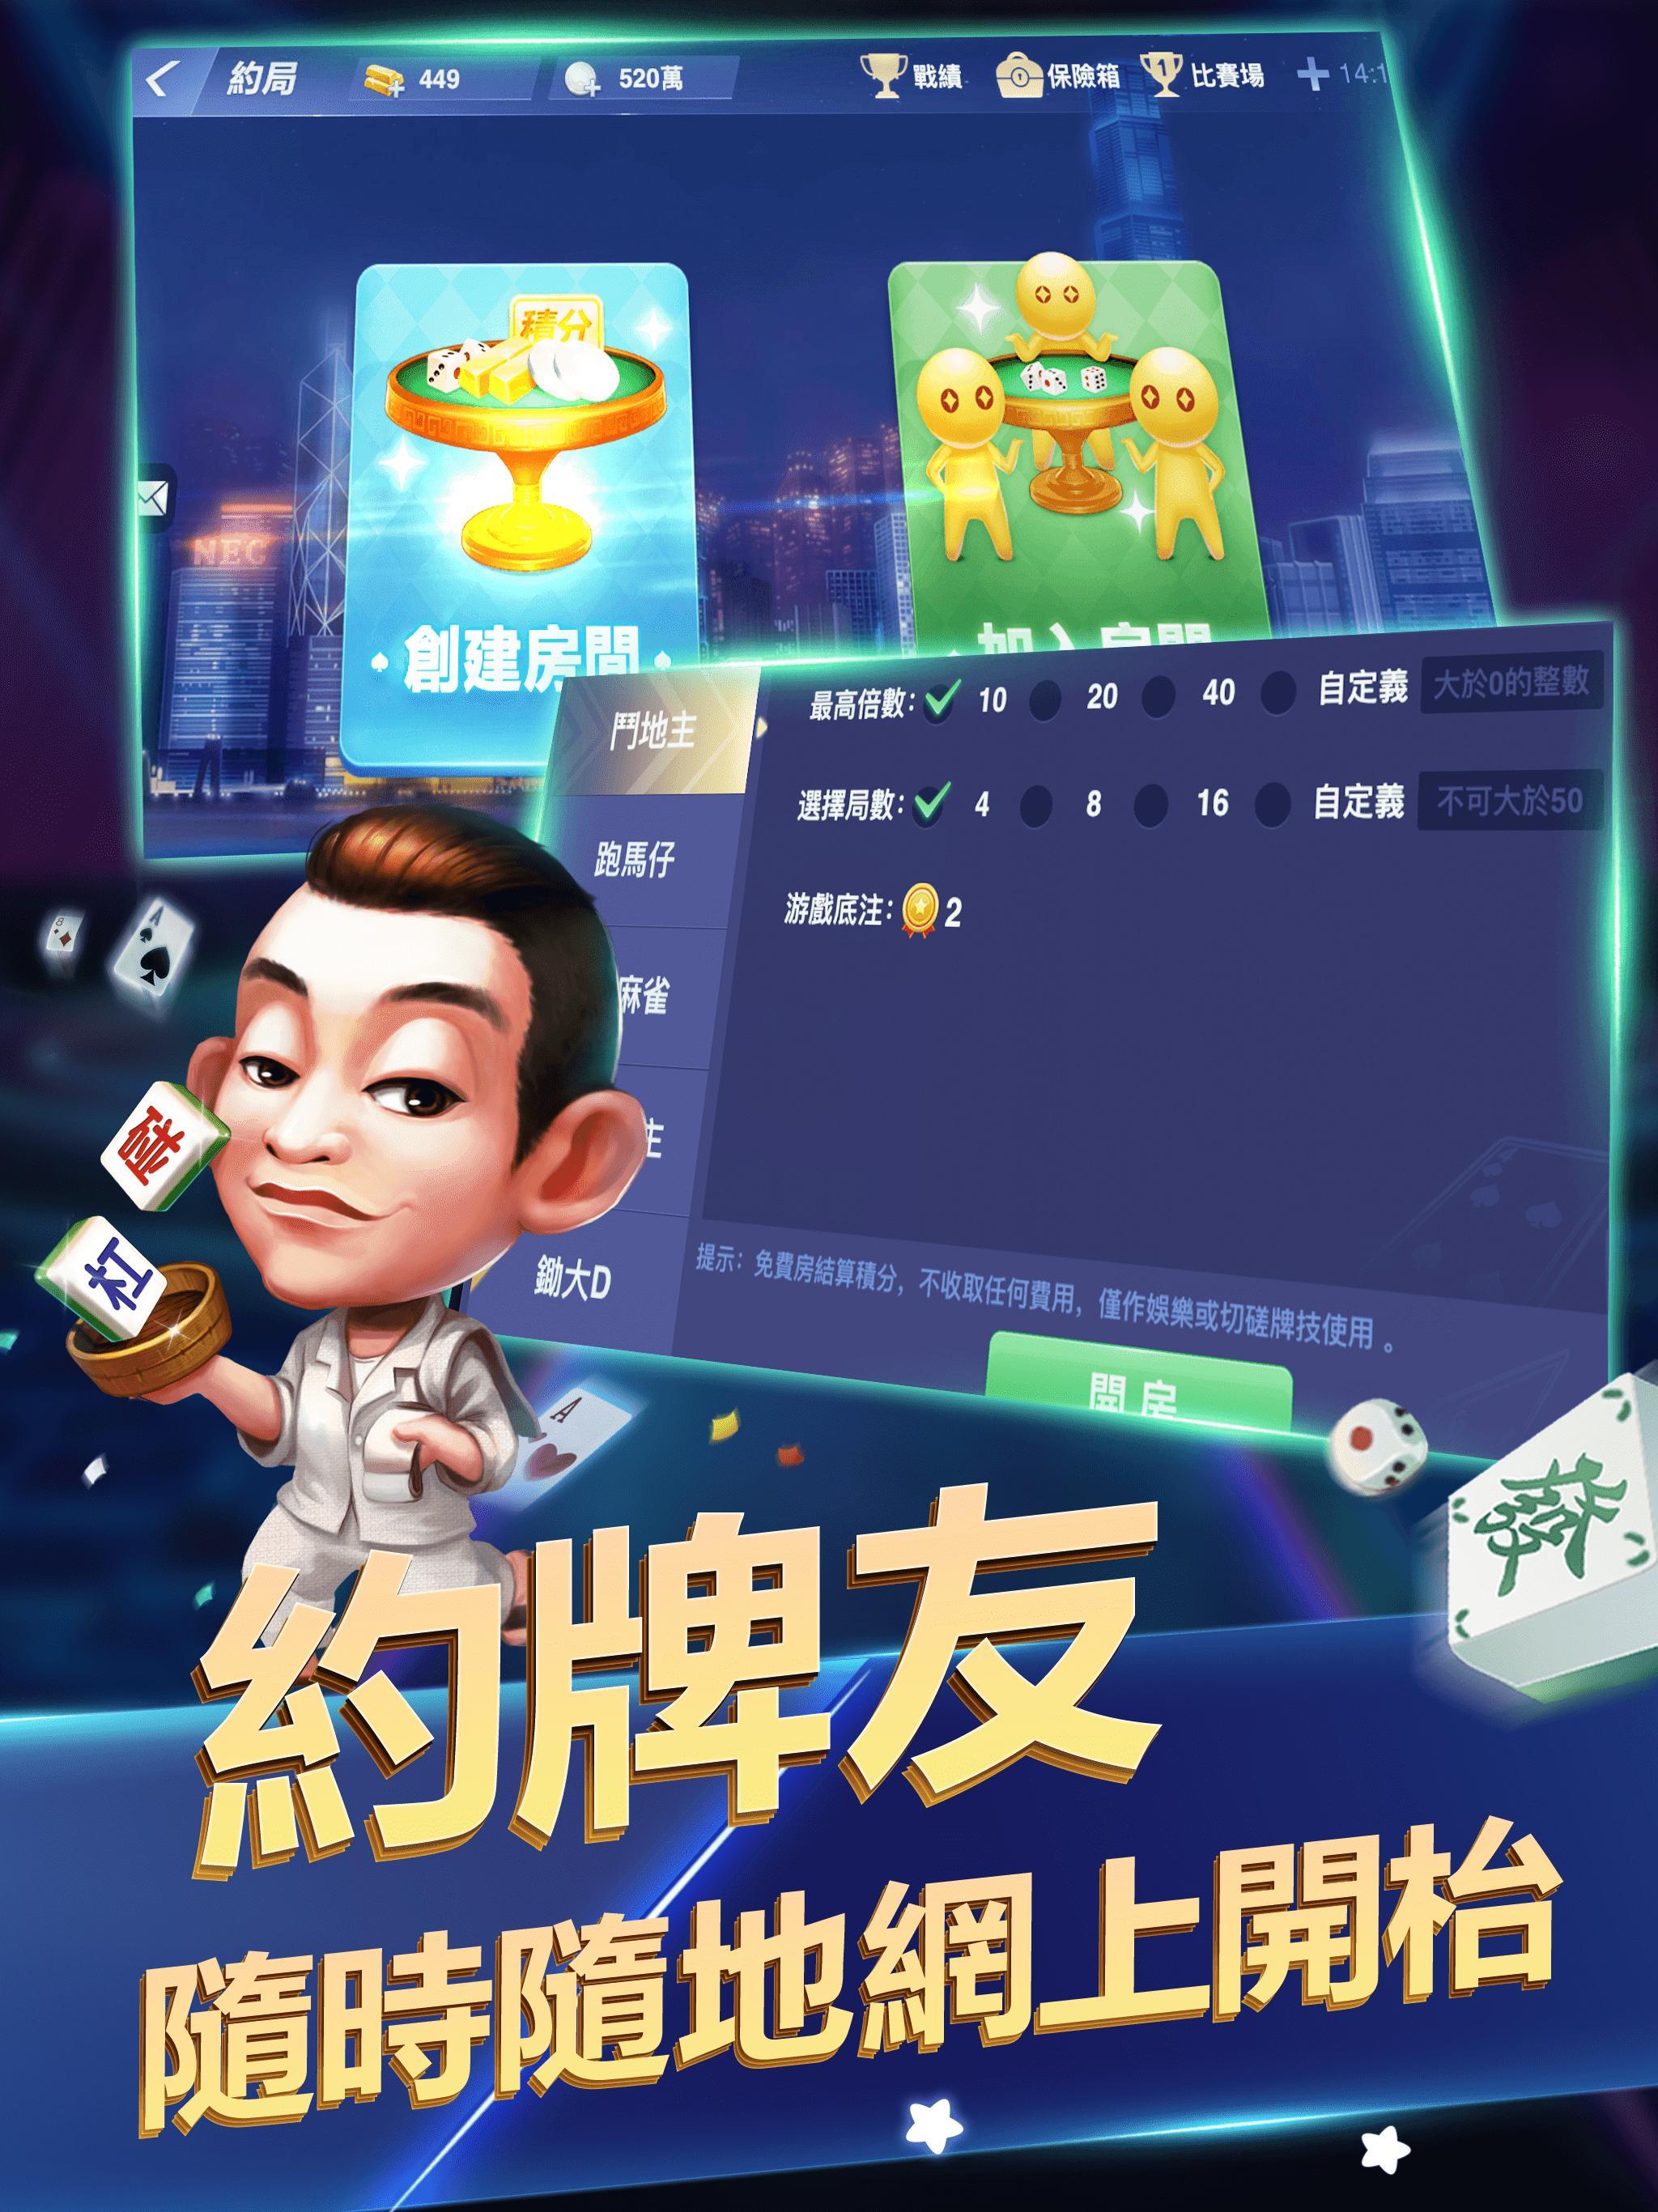 開心鬥一番 港式麻雀 跑馬仔 鋤大D等5 IN 1 3.6.4 Screenshot 2